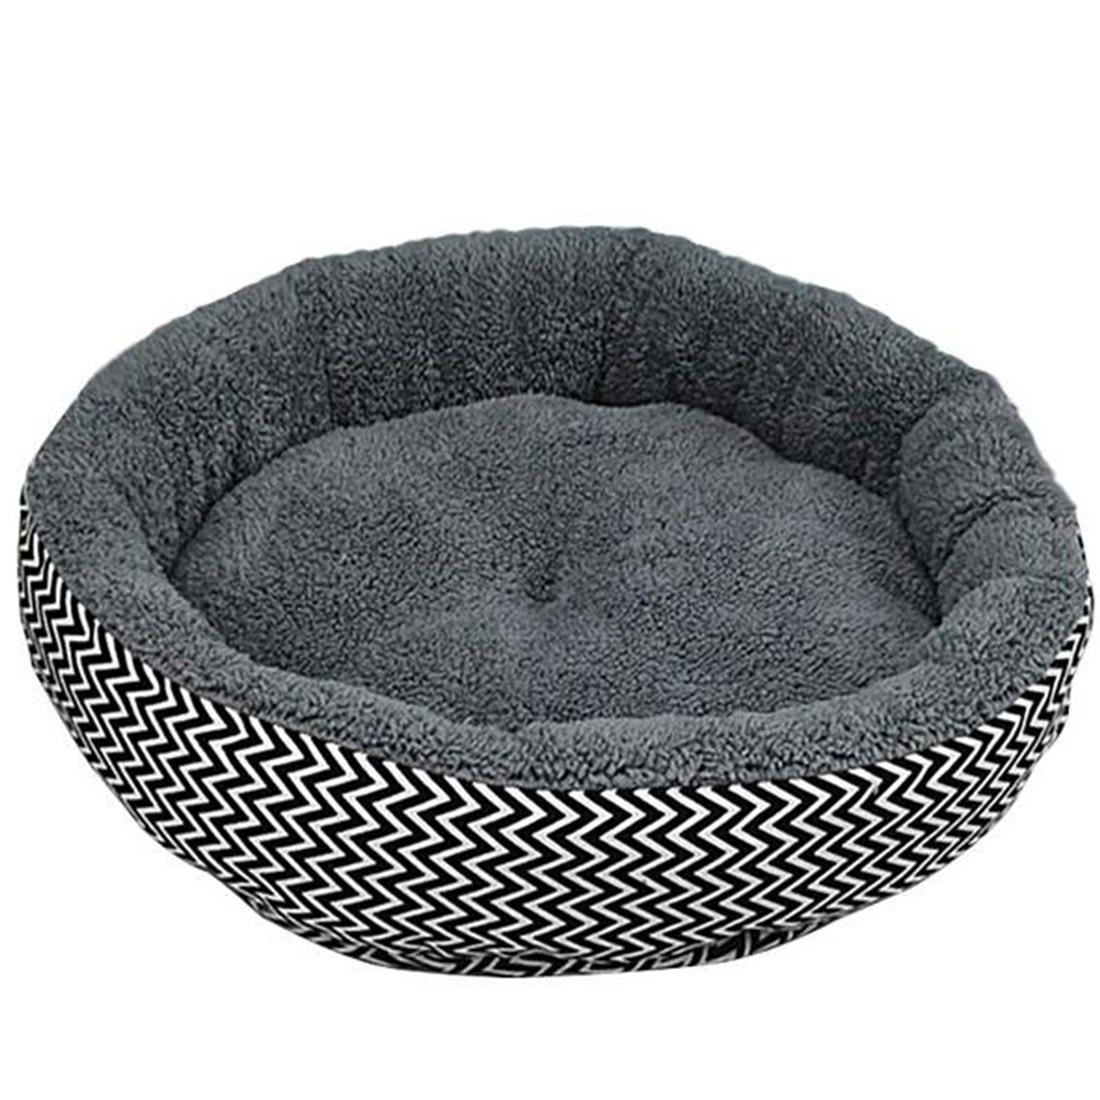 Venta caliente 2 Colores Ronda Suave Rayado Pet Dog House Bed gato Y Perro Cama